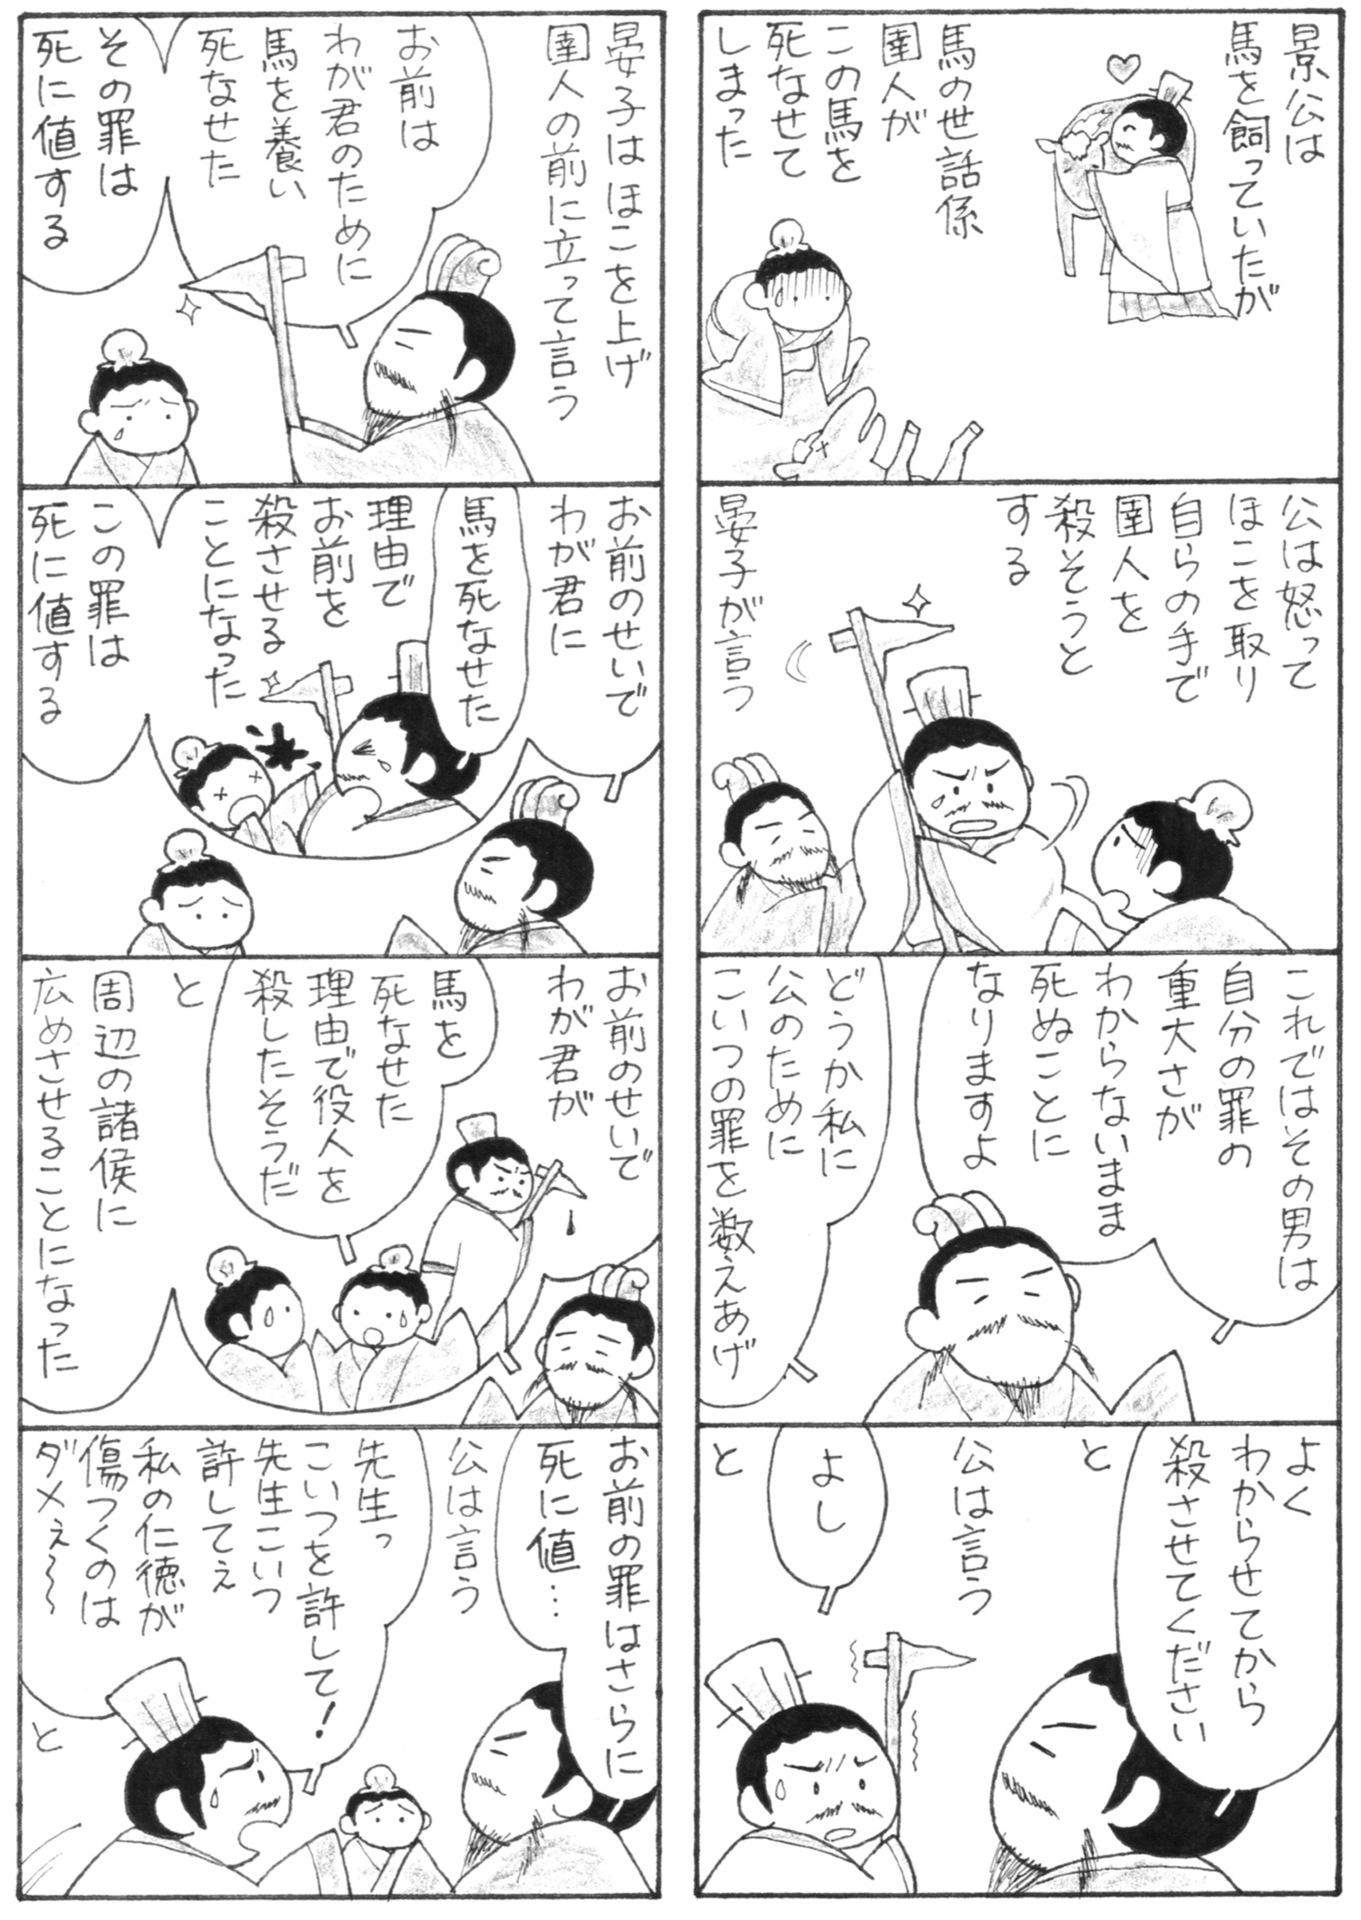 圉人之罪: 高校古文こういう話